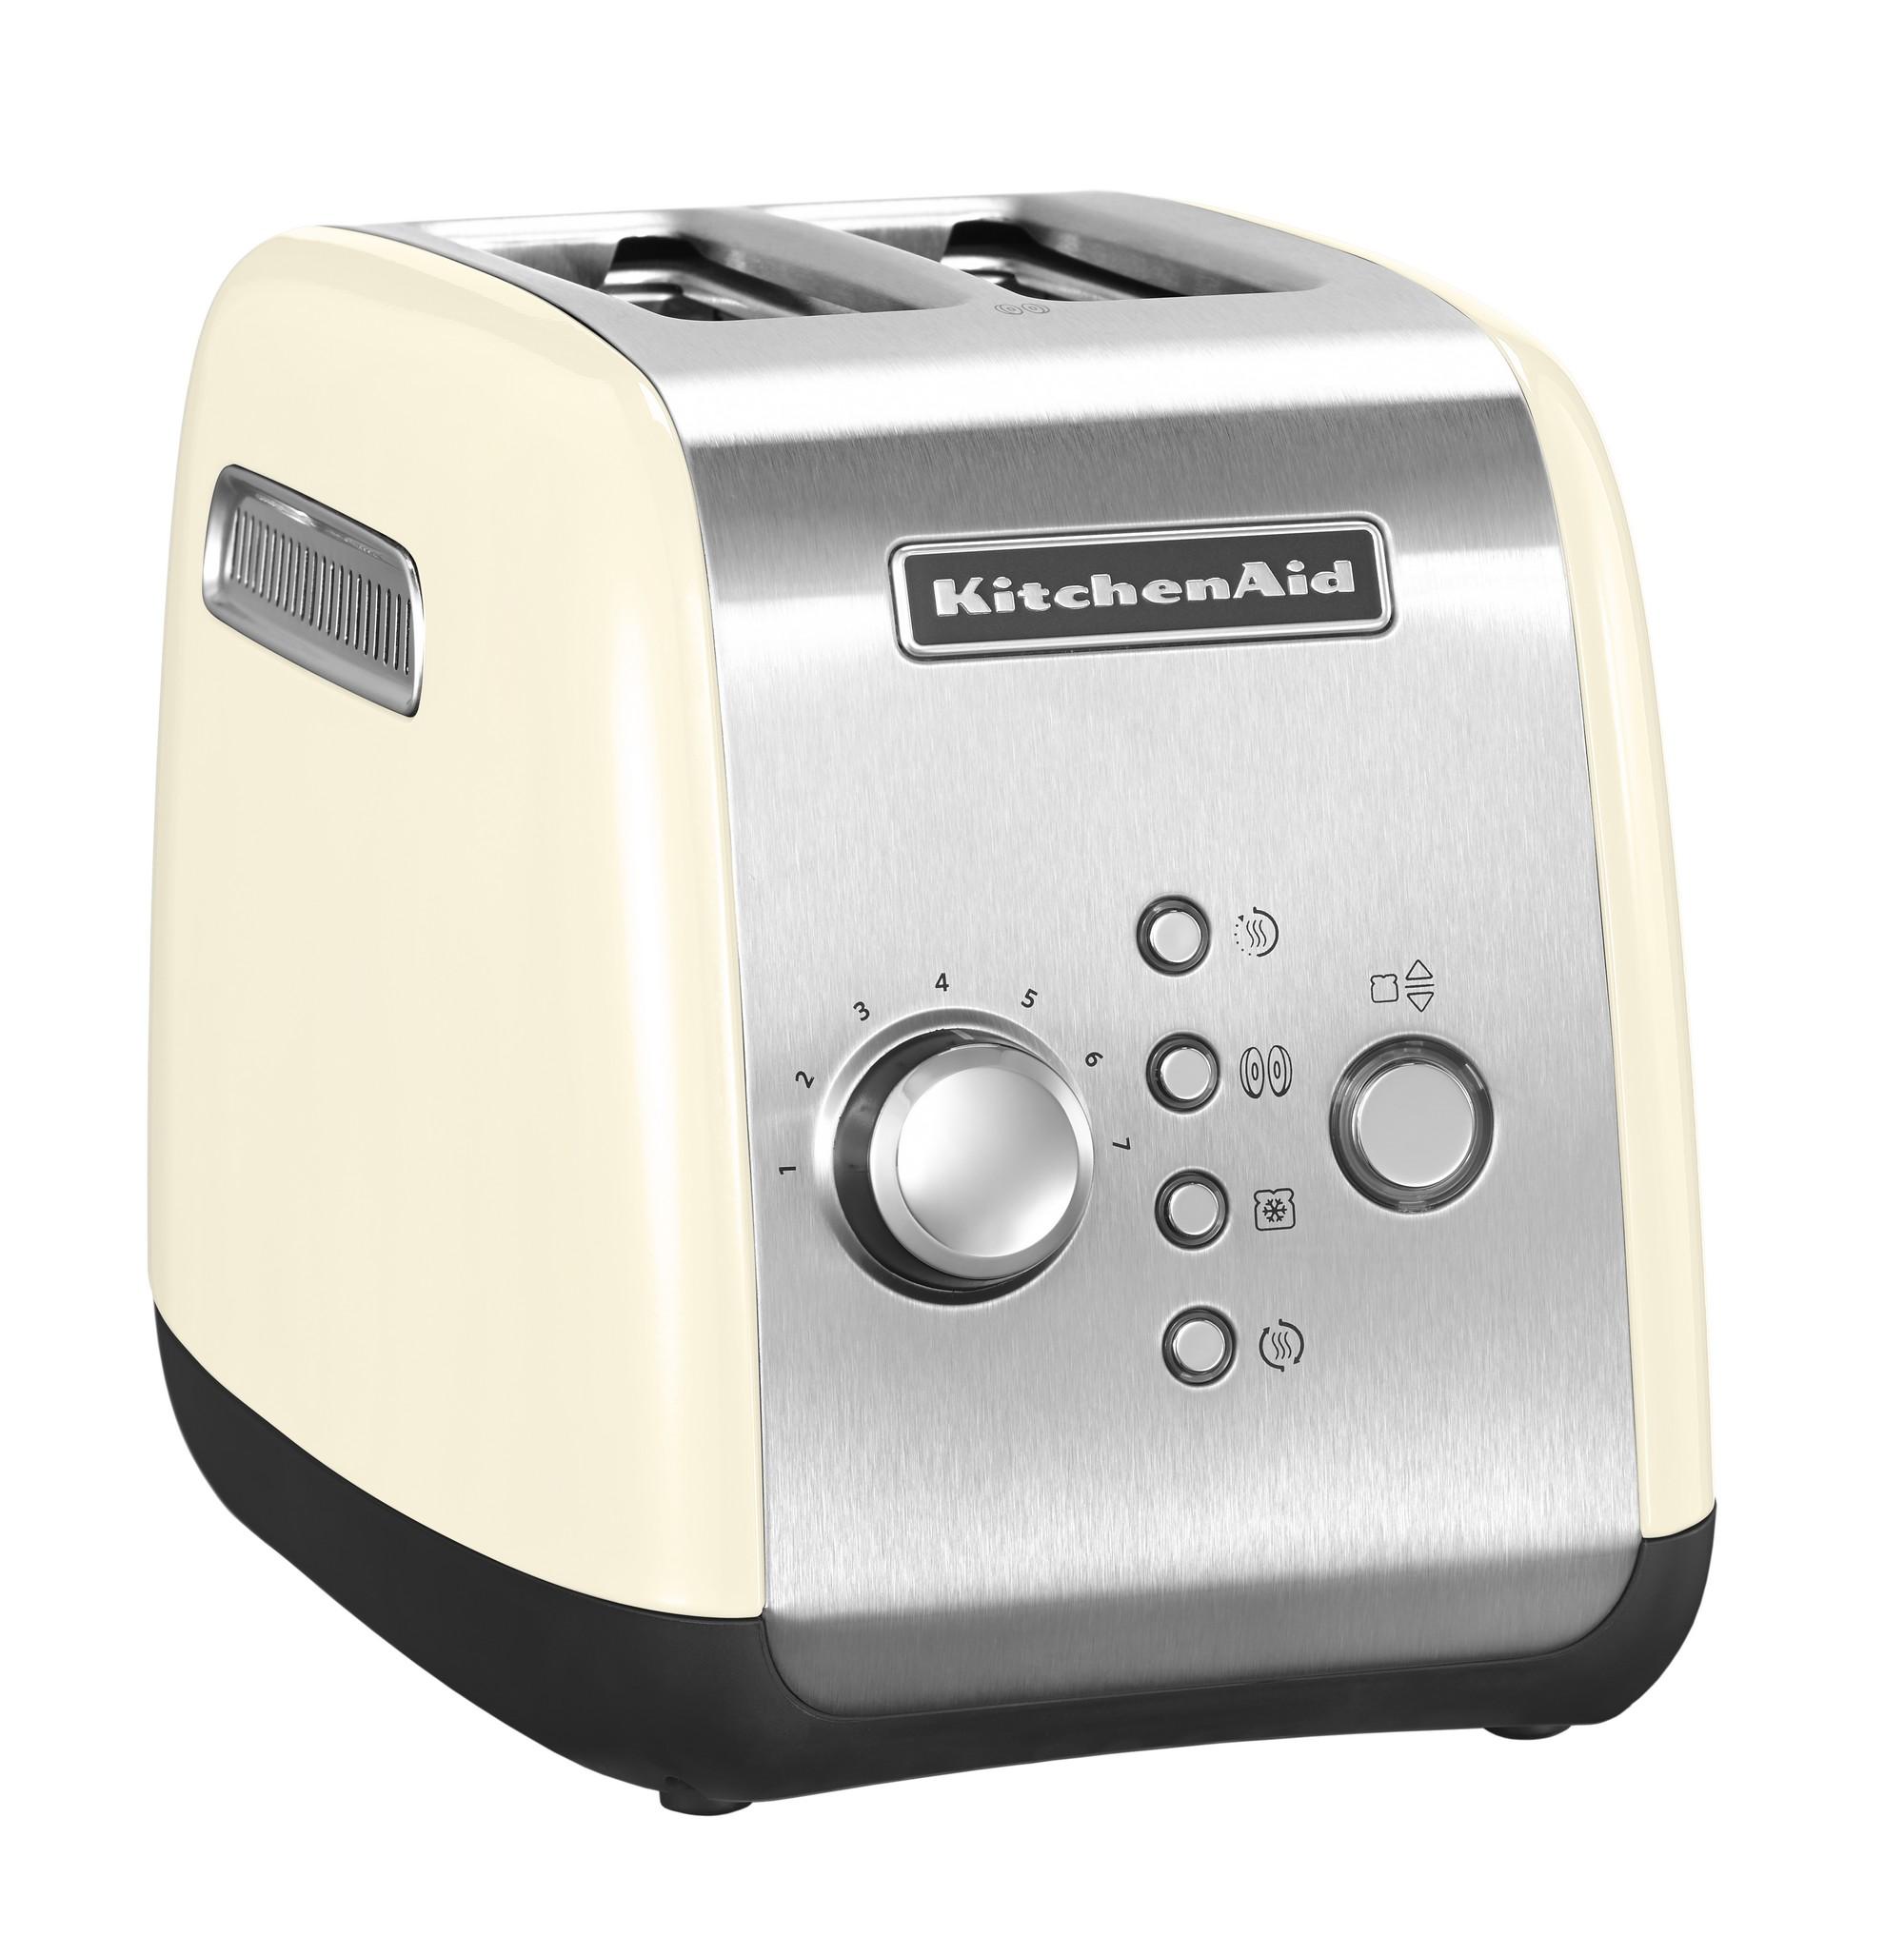 Тостер на 2 хлебца, кремовый, 5KMT221, KitchenAidТостеры<br>&#13;<br>&#13;<br>Тип: на 2 хлебца;&#13;<br>Материал корпуса: сталь;&#13;<br>Хромированная ручка регулирования температуры;&#13;<br>Широкие отверстия для тостов;&#13;<br>Шкала с 7 степенями поджаривания;&#13;<br>Кнопка «Приготовление»/«Отмена»: позволяет опустить/поднять тосты вручную;&#13;<br>Функция для приготовления булочек и бейглов: поджаривает изнутри, подогревает снаружи;&#13;<br>Функция размораживания;&#13;<br>Режим подогрева в течение 3 мин.&#13;<br><br>